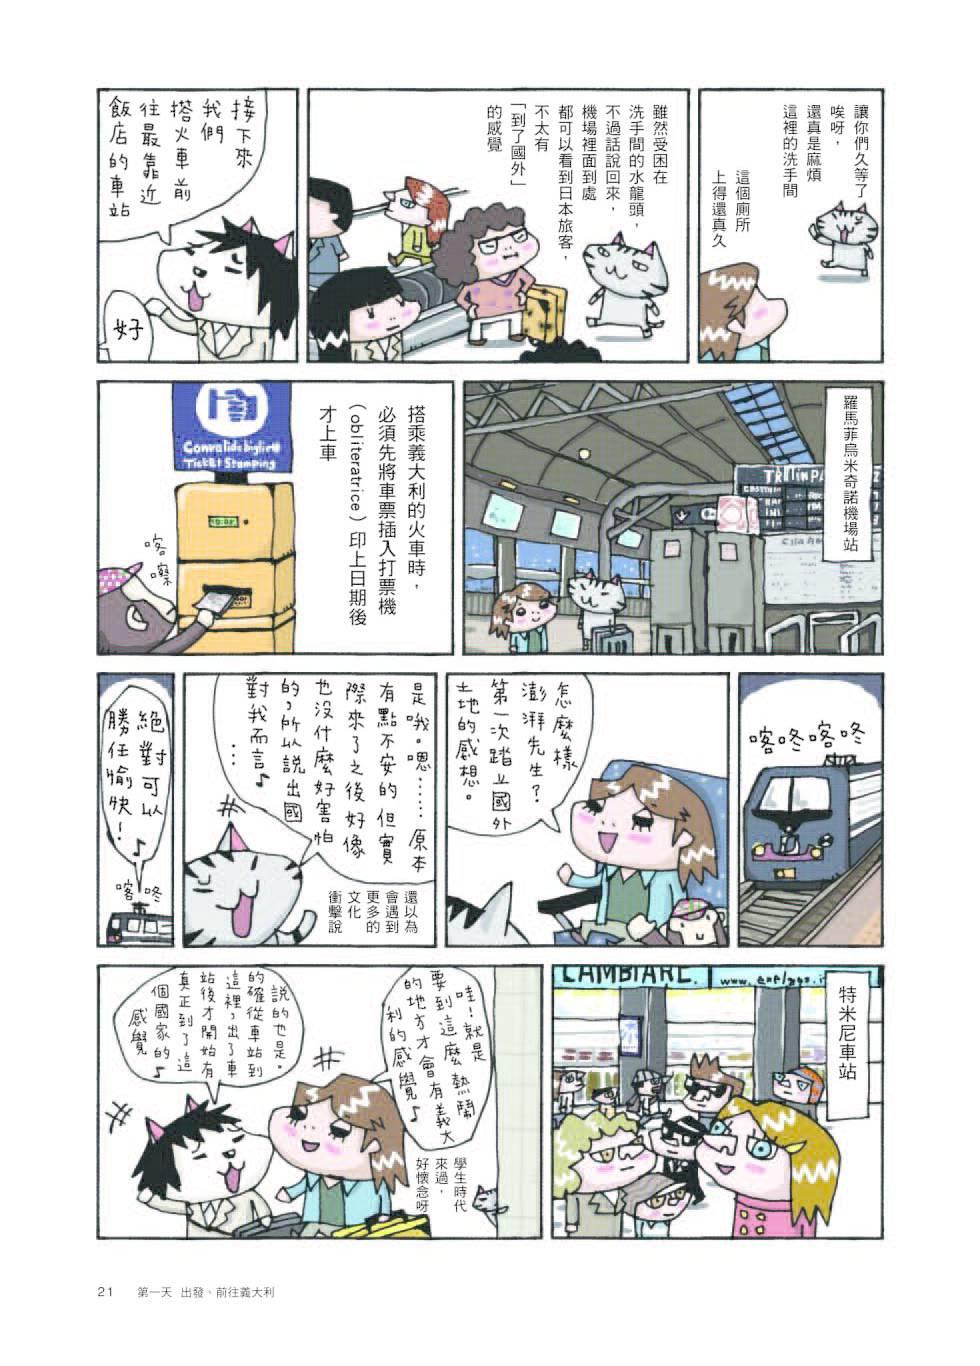 0515-晨星大田-澎湃野吉旅行趣1-第1次出國就去義大利內頁校樣_頁面_021